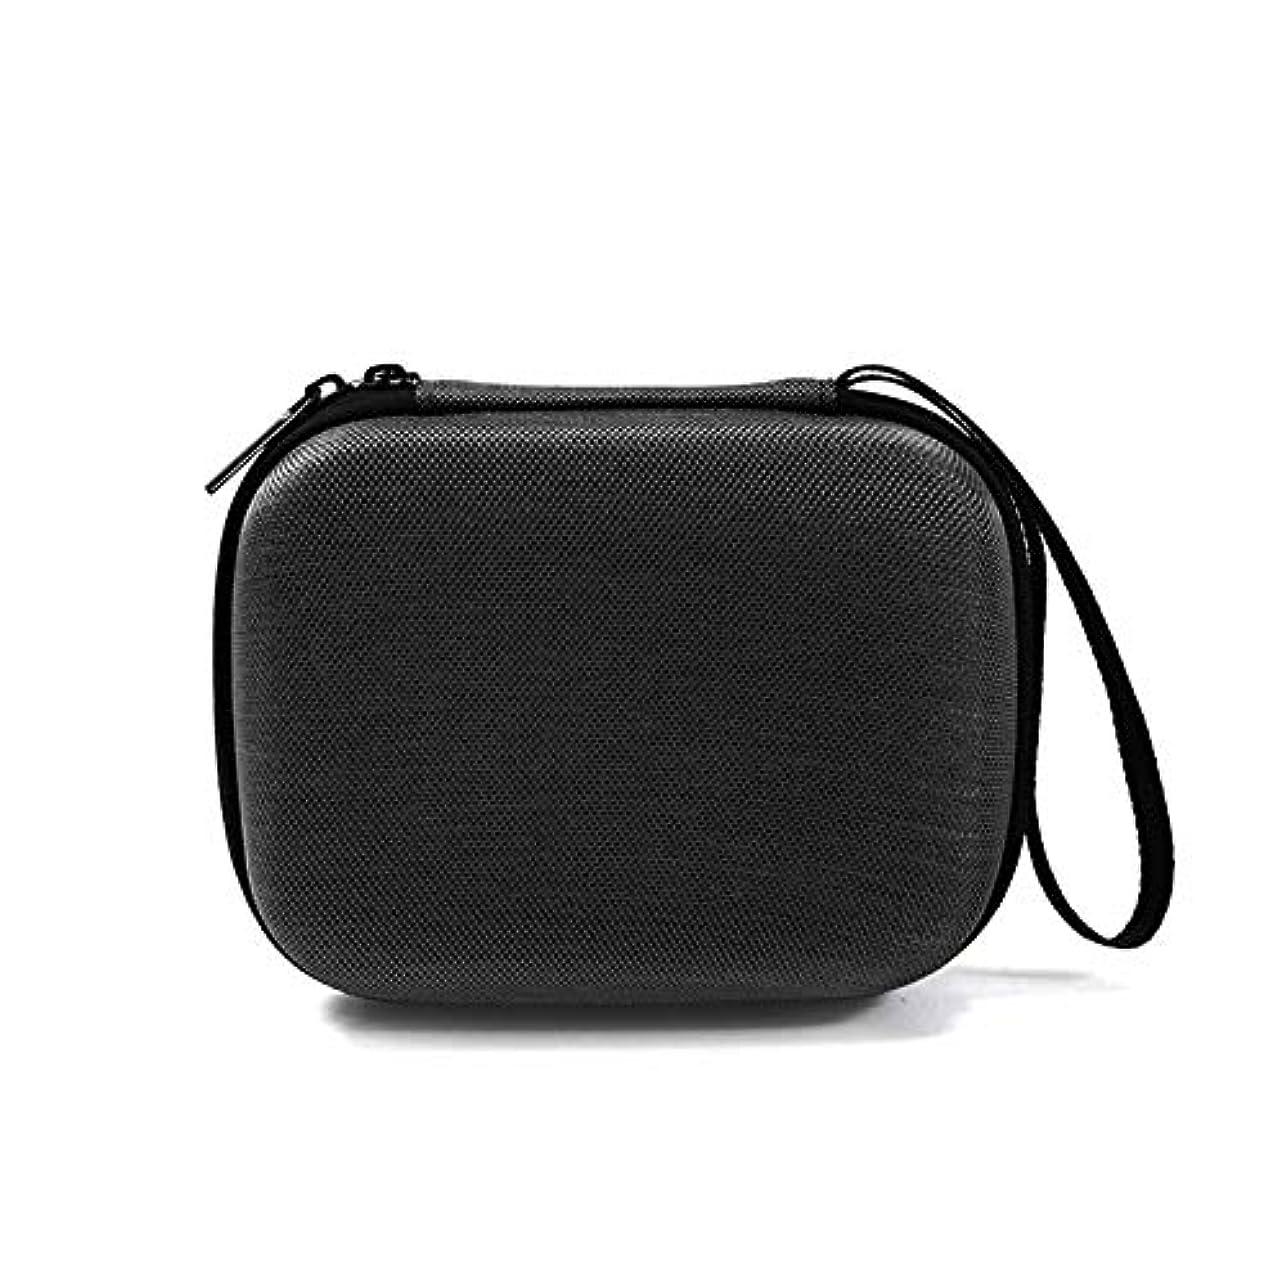 作家アーティキュレーションジャンク精油 収納バッグ エッセンシャルオイルボックス ミニ 耐衝撃 保護カバー 旅行 キャリングケース 収納ボックス 10ミリリットルボトルに適用 オックスフォード布 14.5×11.5×5.5CM